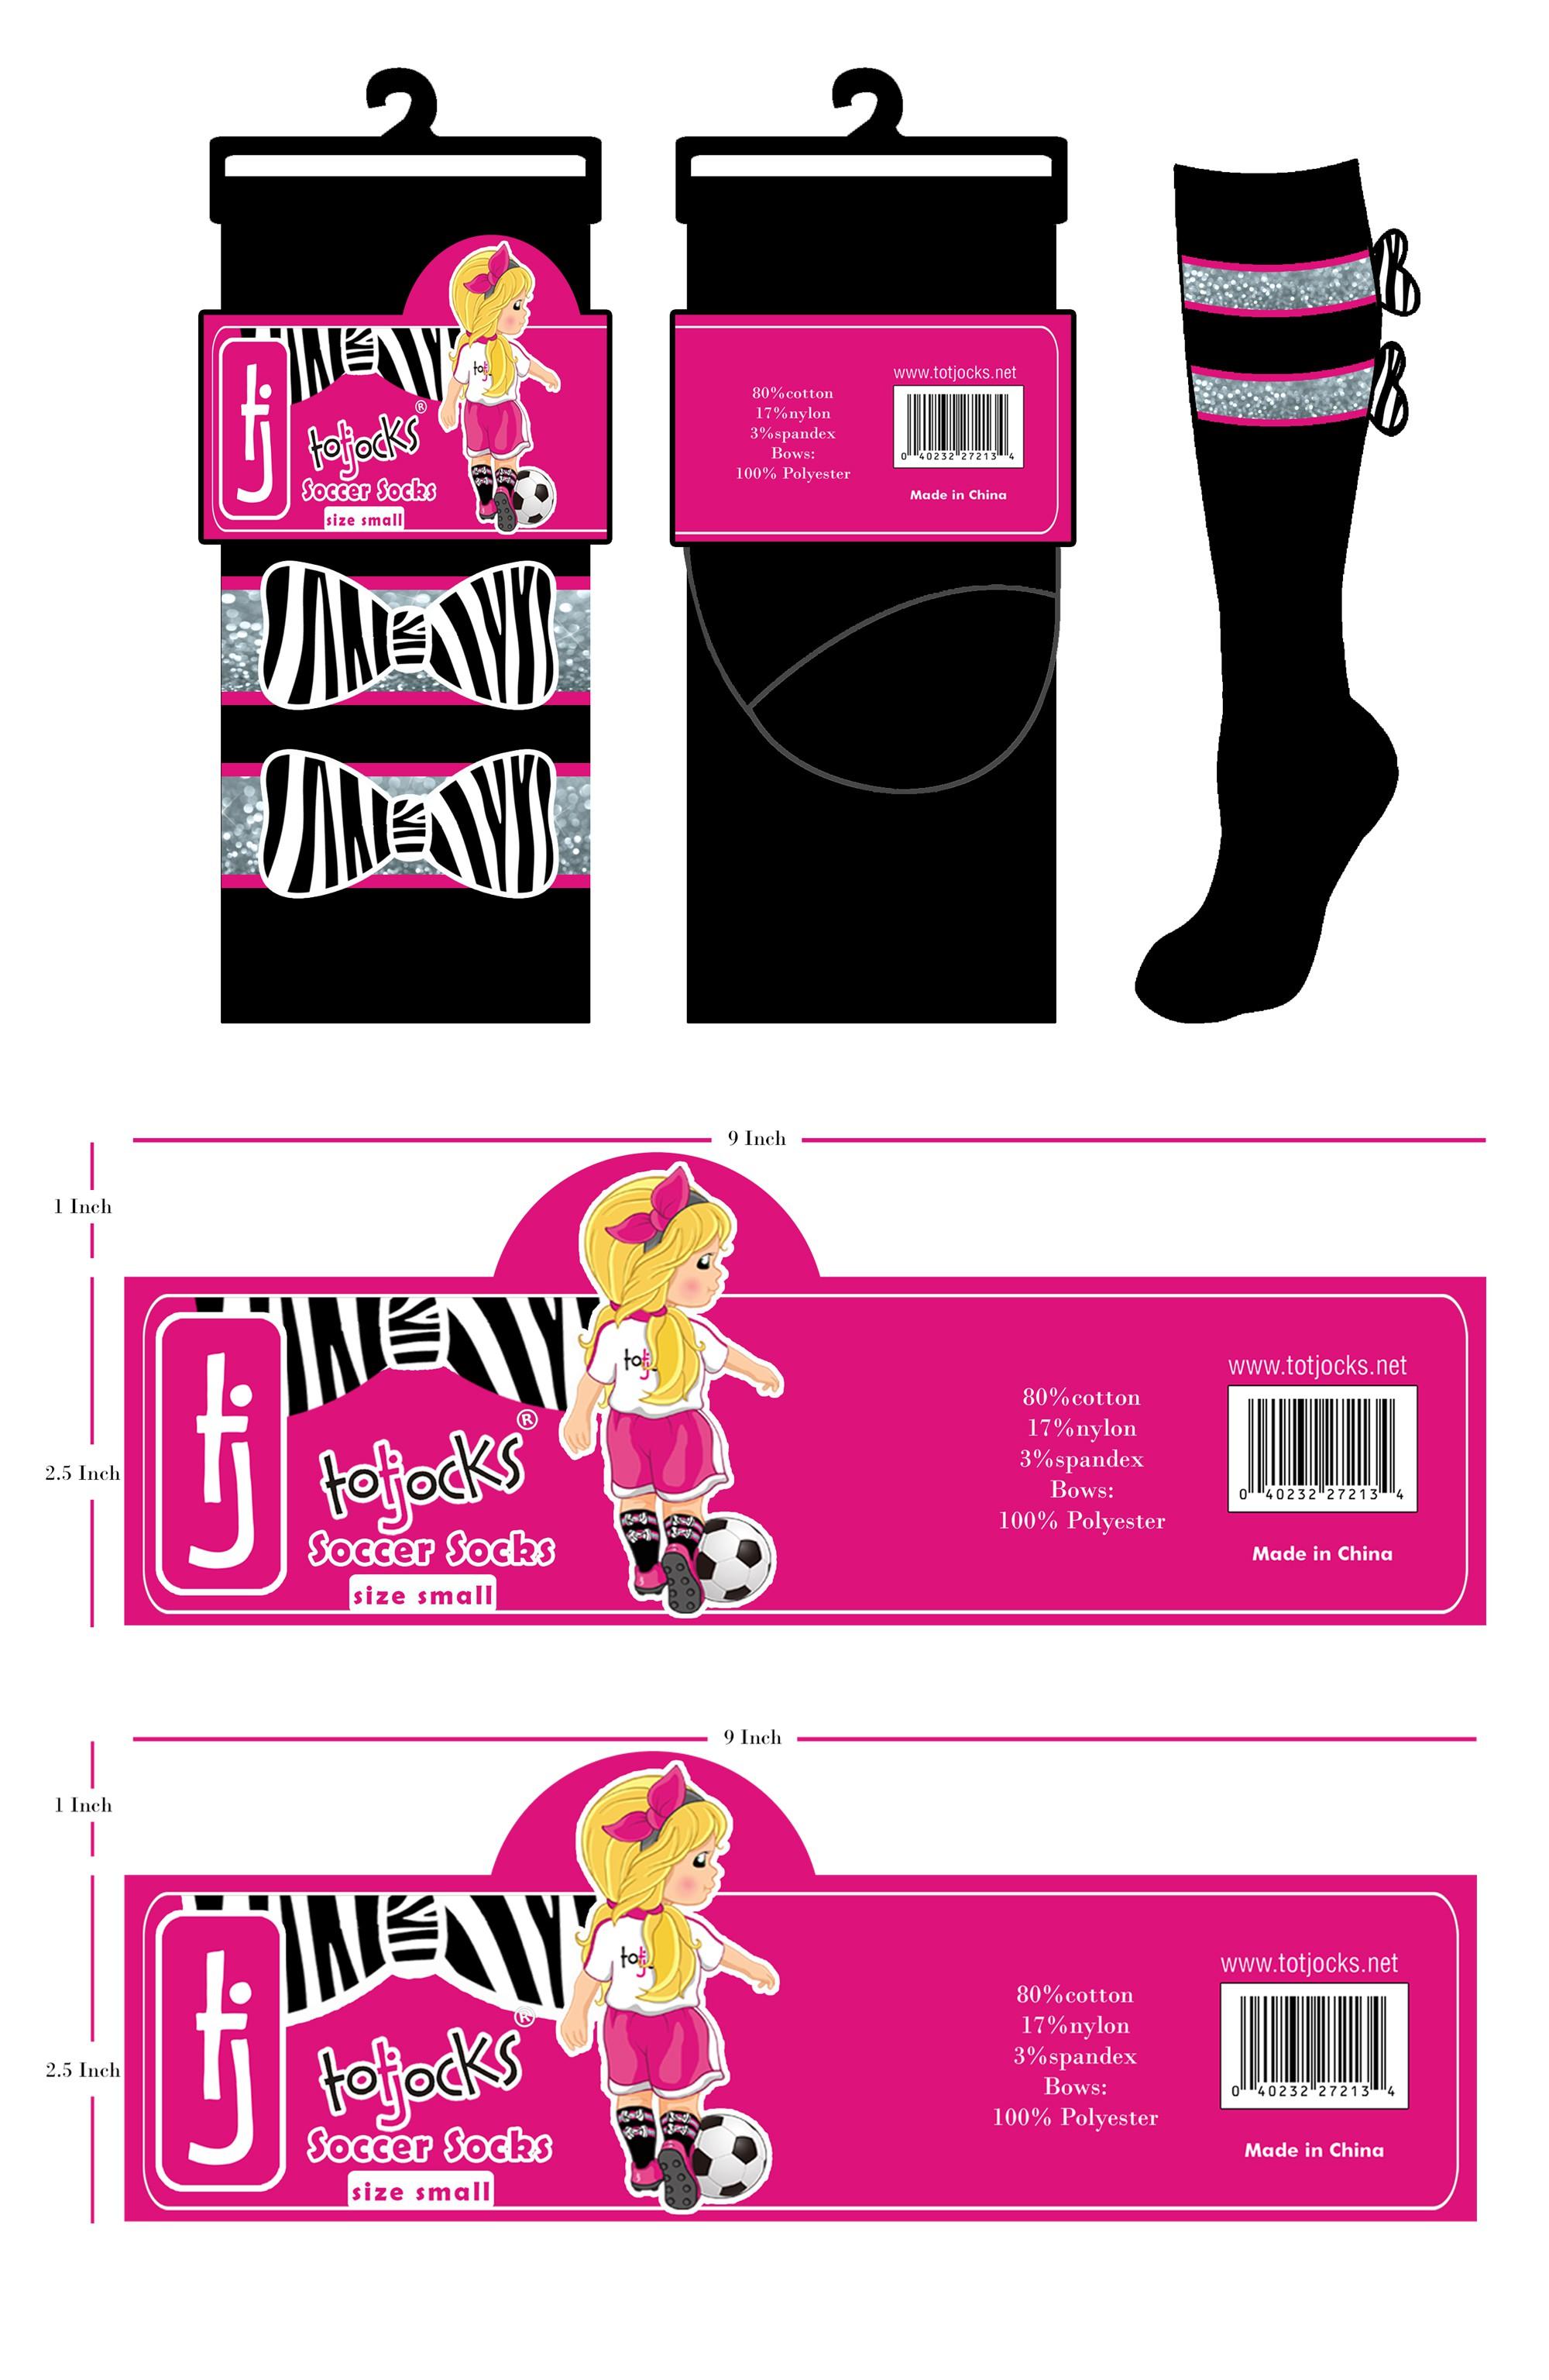 Create artwork for packaging of super cute girly-girl soccer socks!